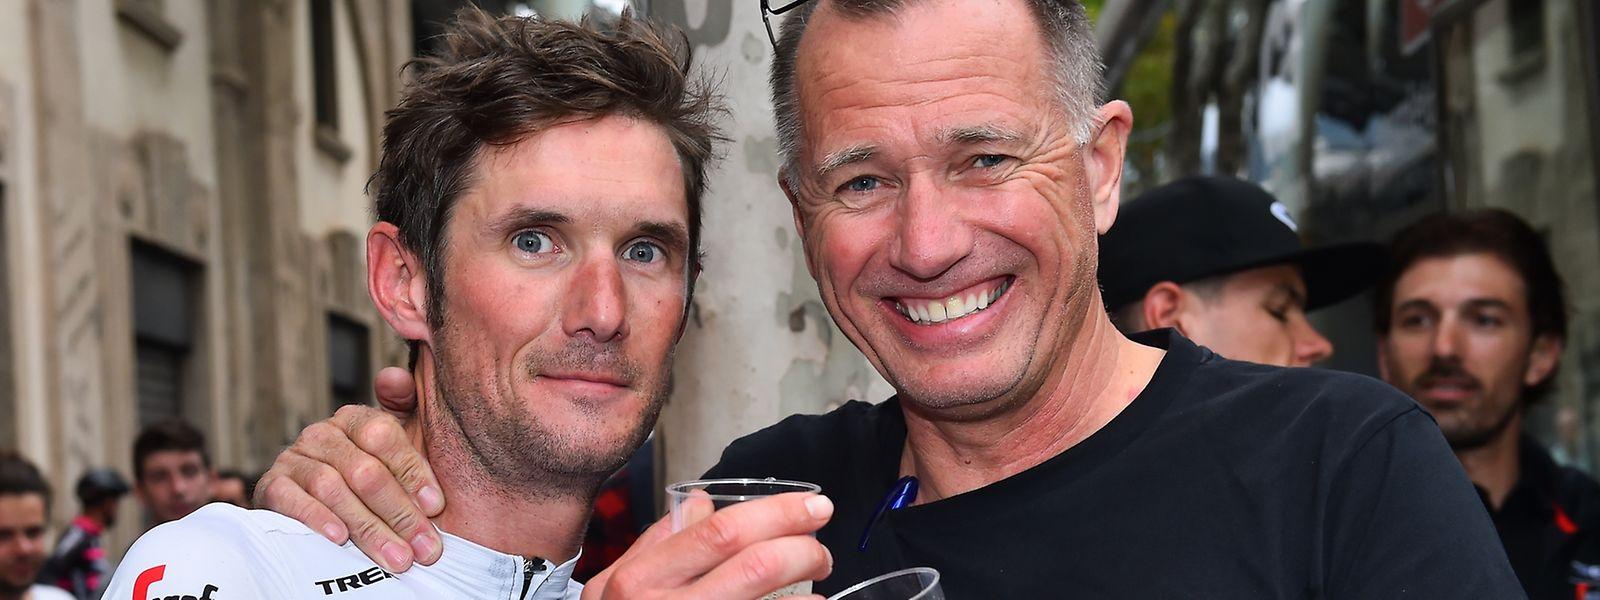 Fränk Schleck prostet mit seinem langjährigen Freund und sportlichem Leiter Kim Andersen.